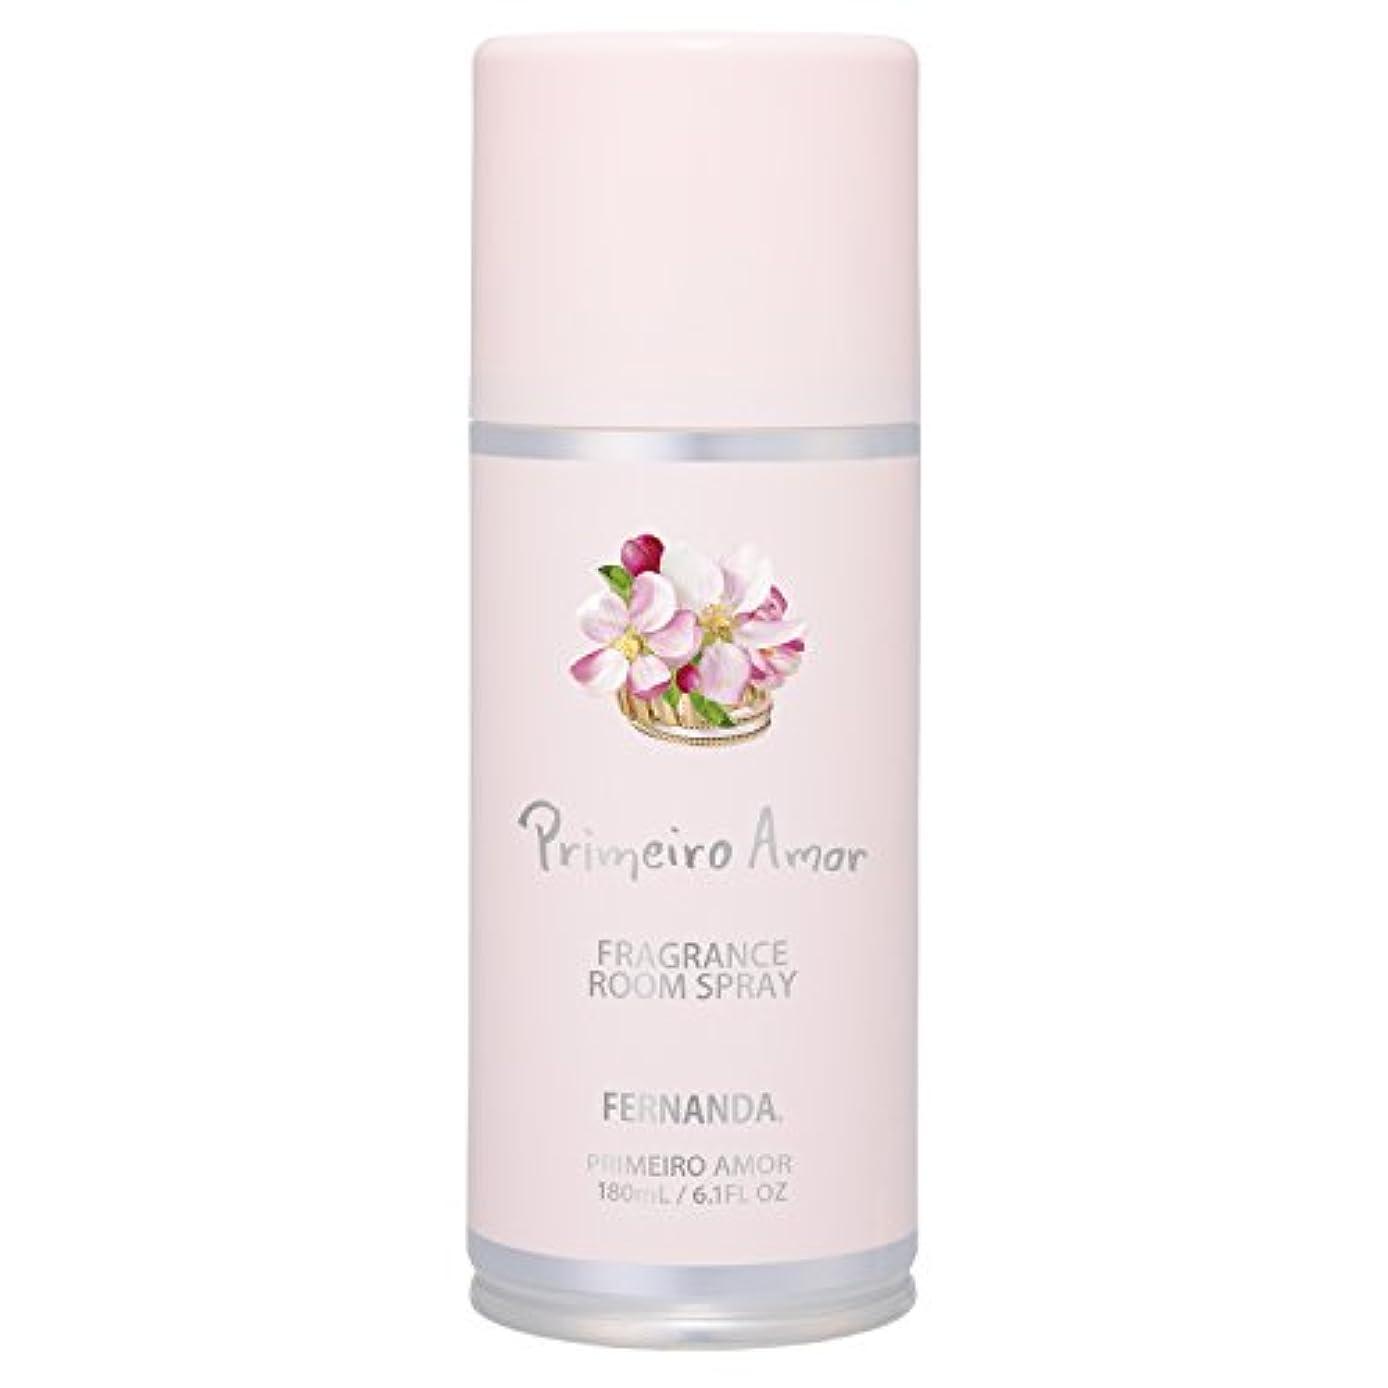 会計士実施する思春期FERNANDA(フェルナンダ) Room Spray Primeiro Amor(ルームスプレー プリメイロアモール)